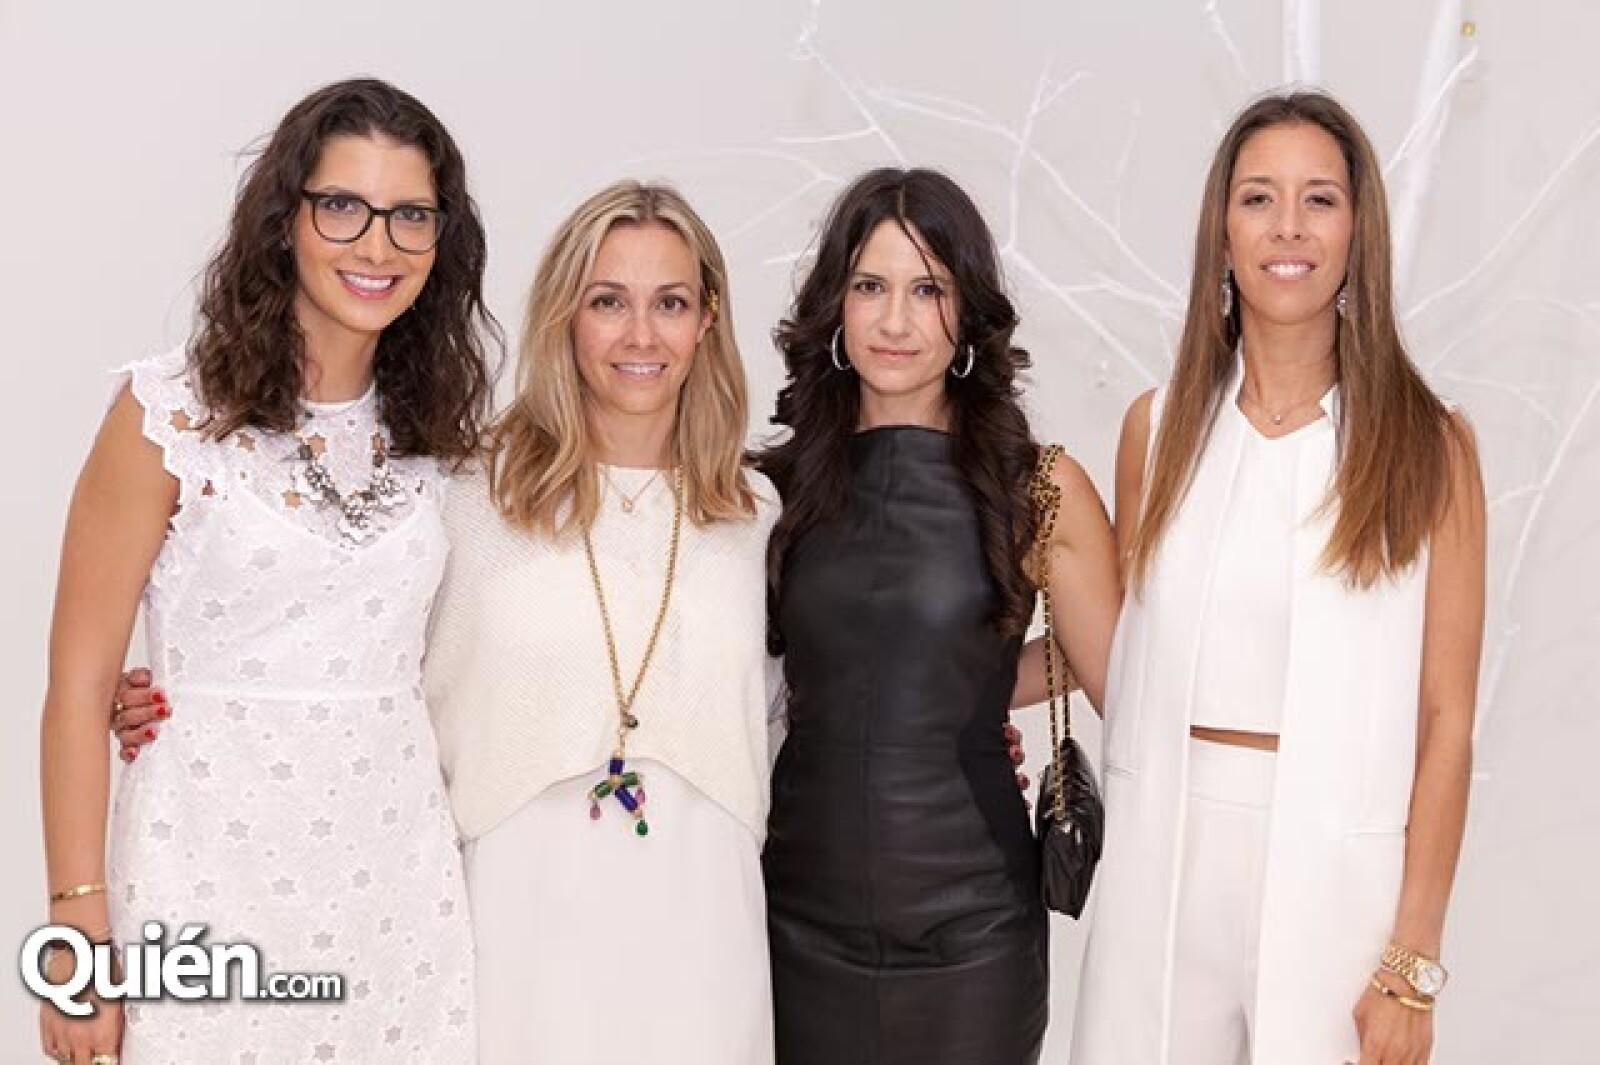 Gina Moreno,María Luisa Mendoza,Vicky García y Juana Domenzain Girault